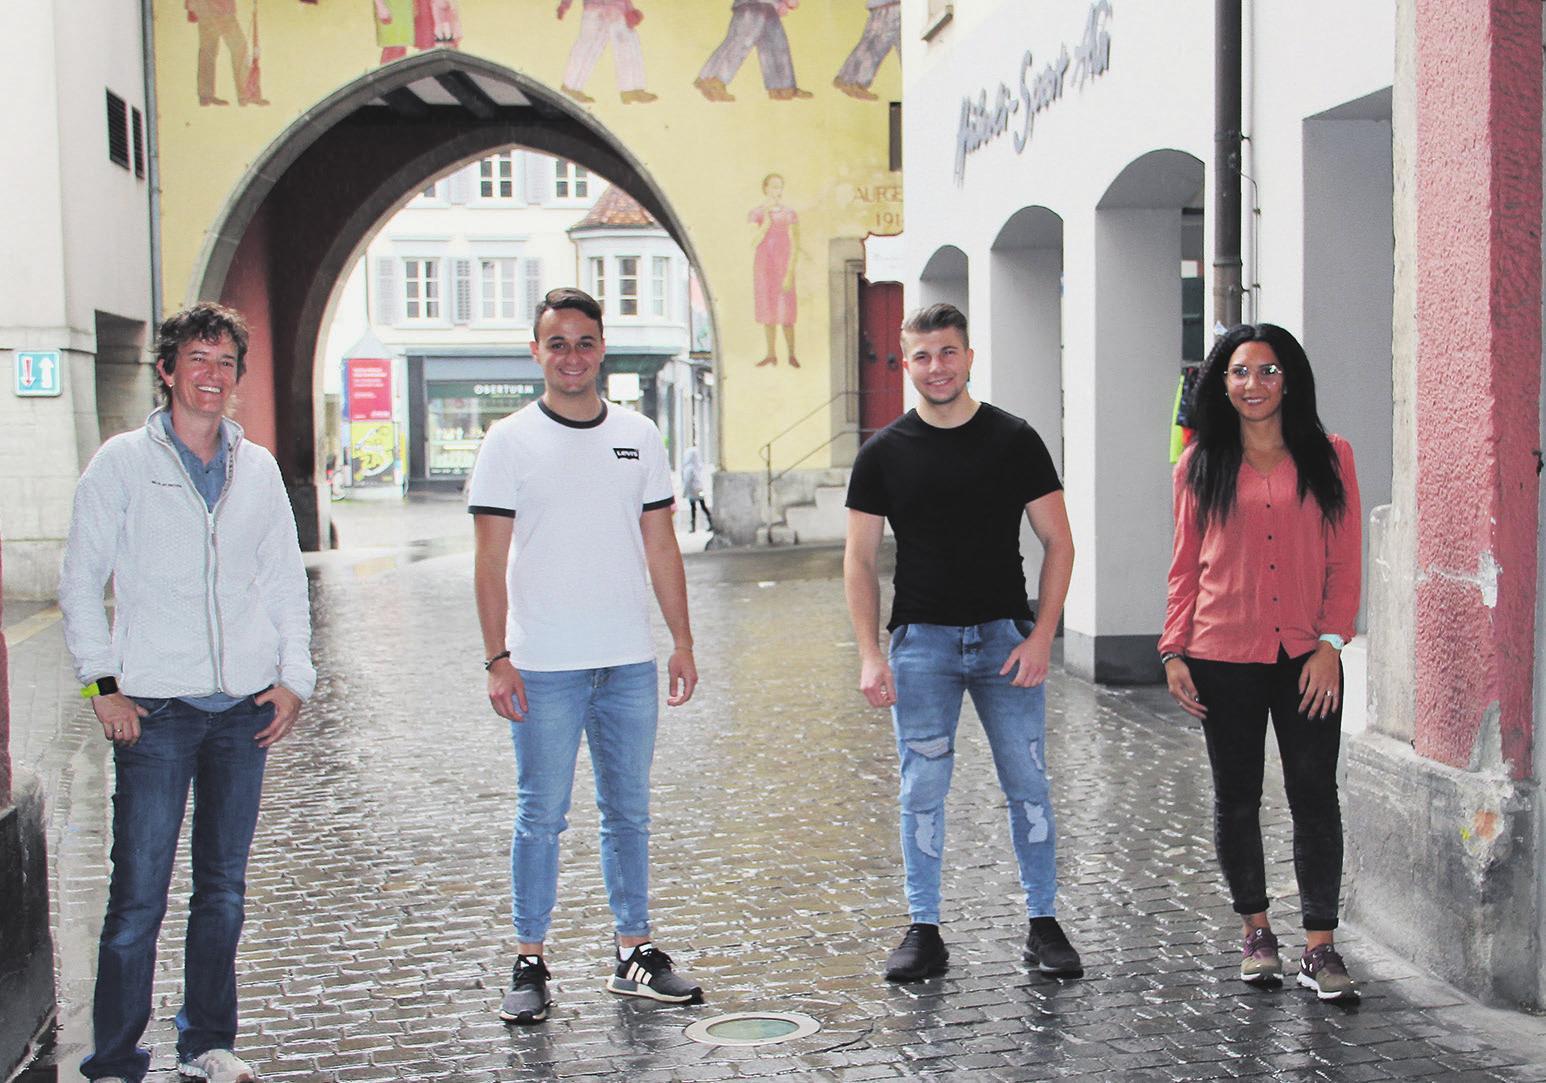 Ein kompetentes Team: Gaby Bürge (von links), Alessandro Grimaldi, Kevin Schumacher, Clarissa Bello. Es fehlen Beat Häberli und Carol Deubelbeiss.